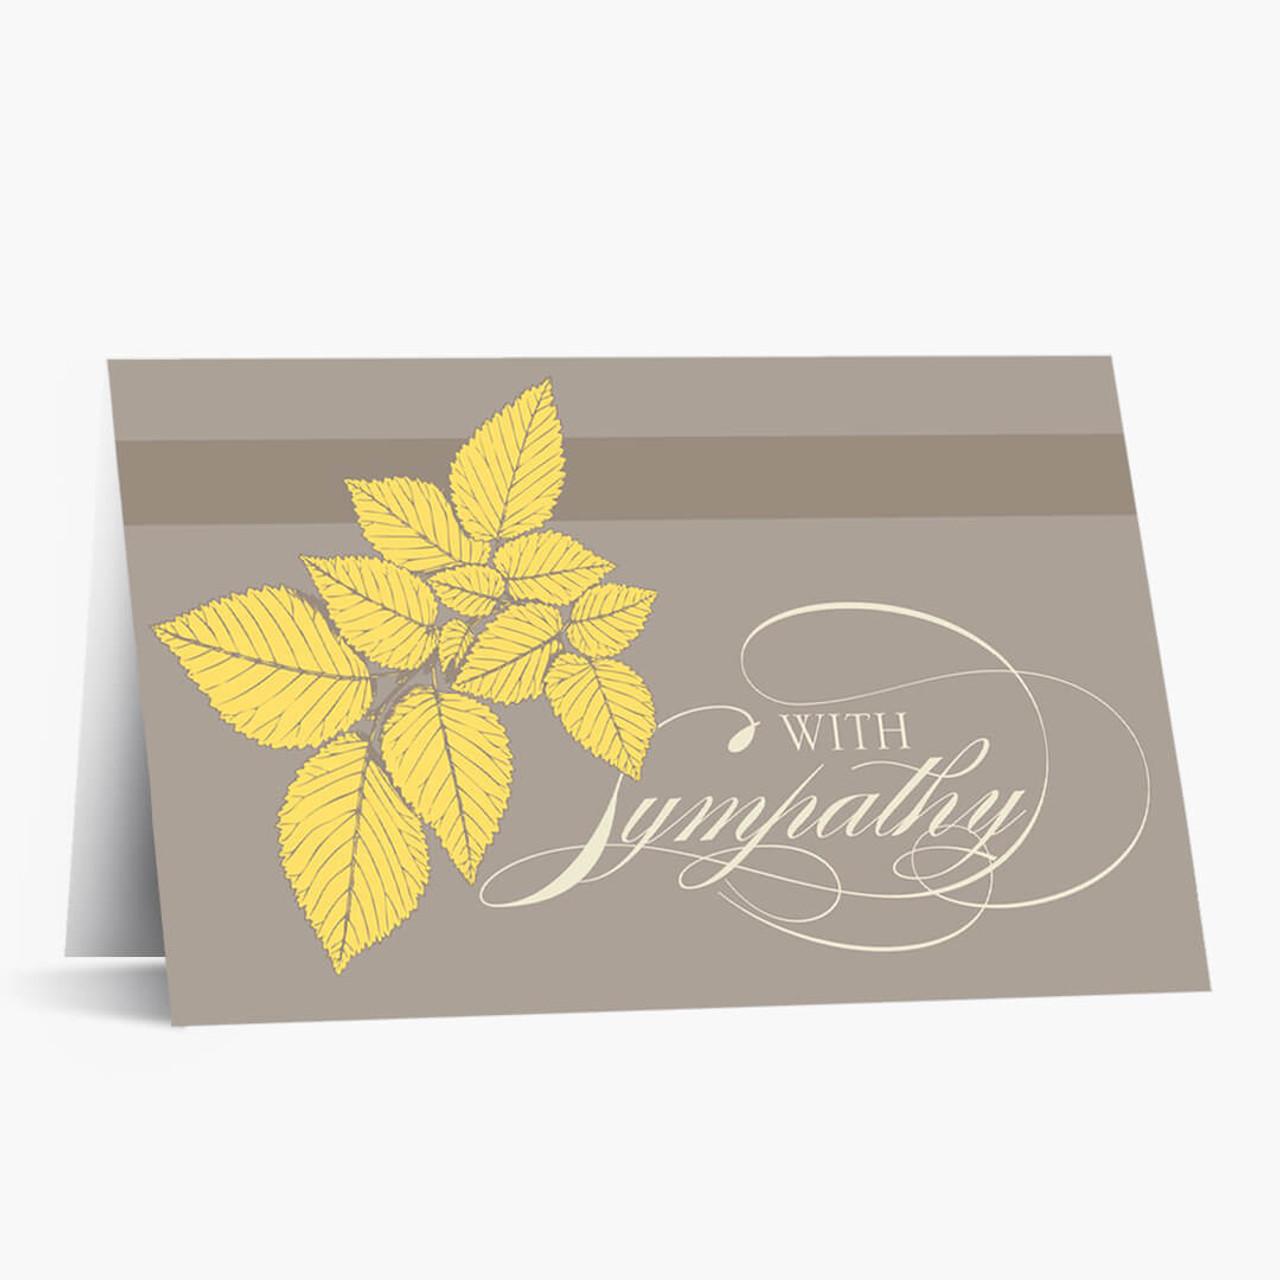 Naturally Caring Sympathy Card